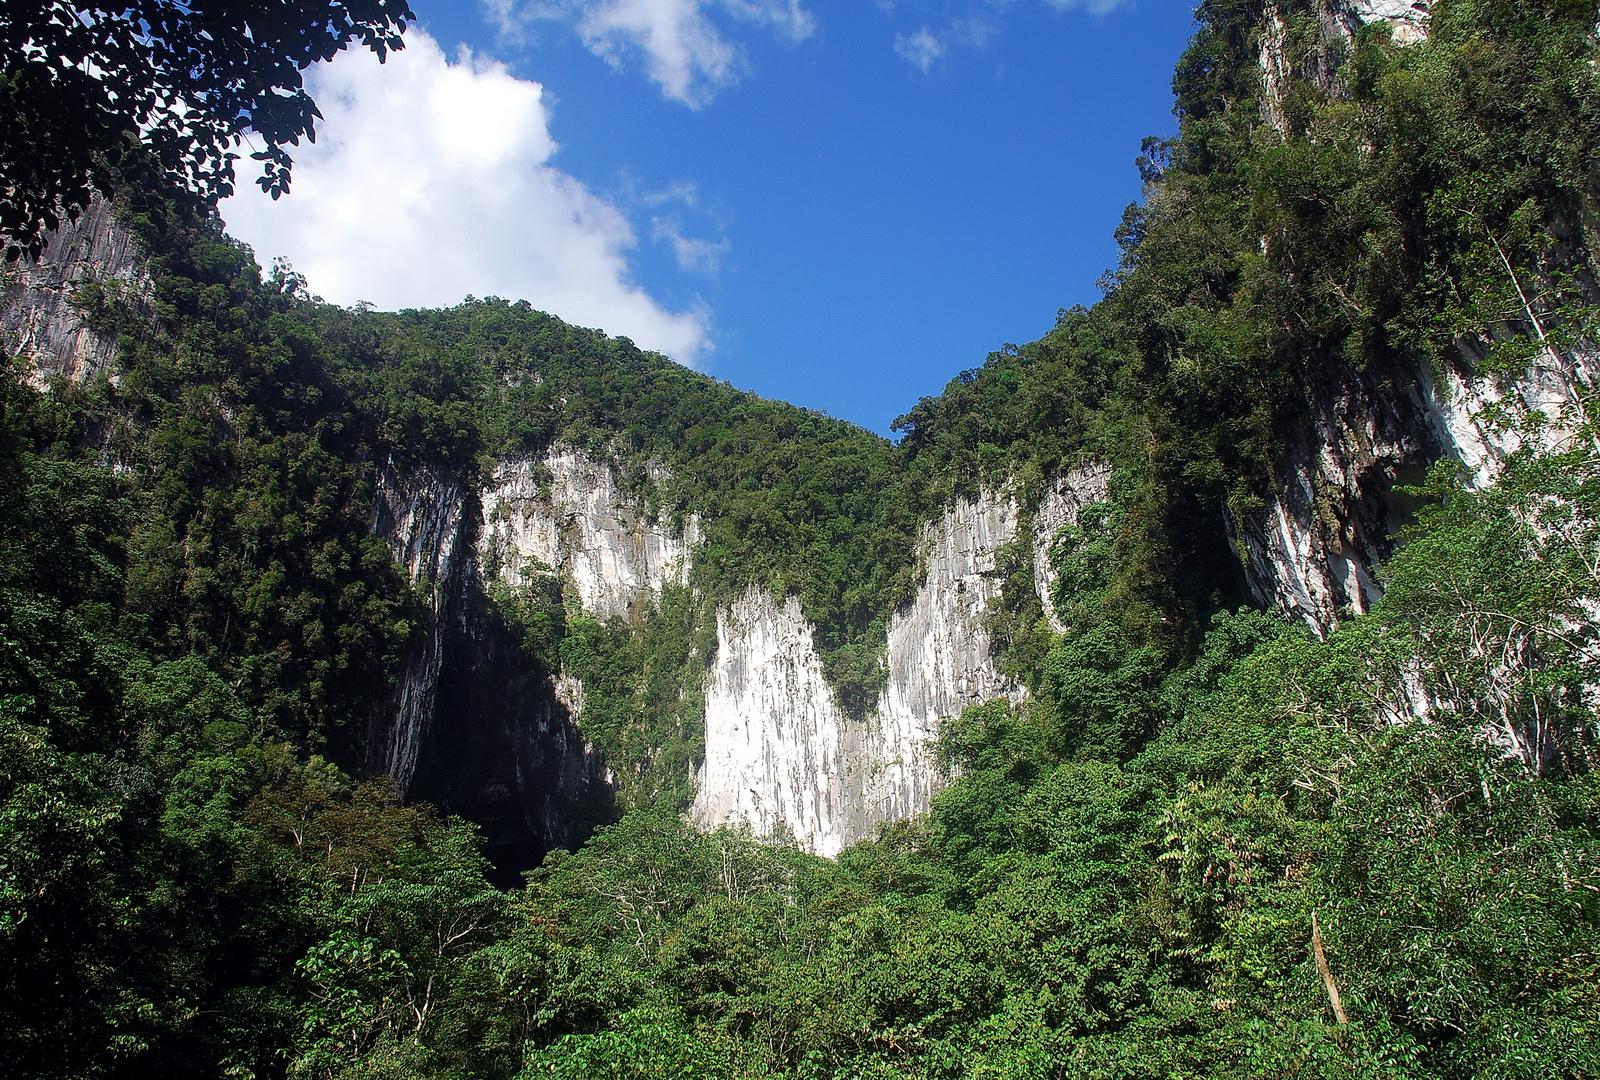 Malaysia, Borneo, Mulu